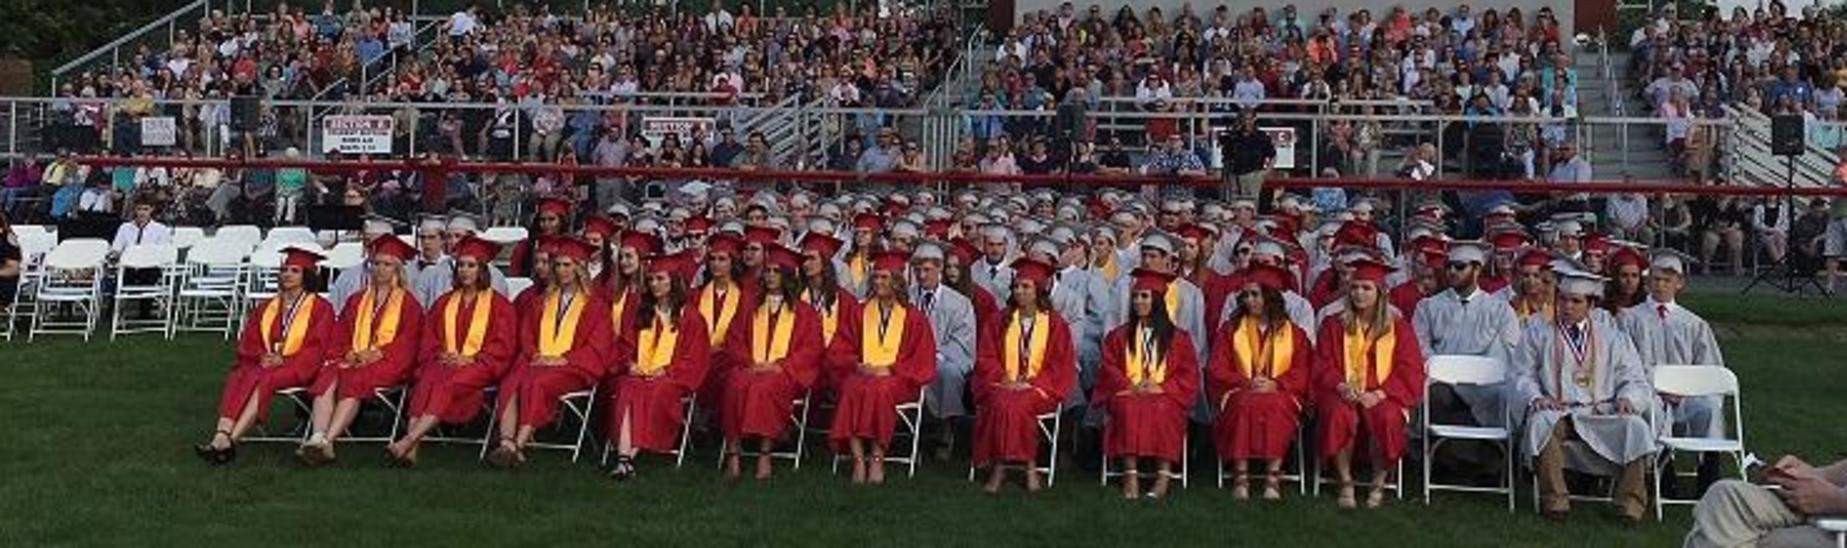 2018 Graduation Picture